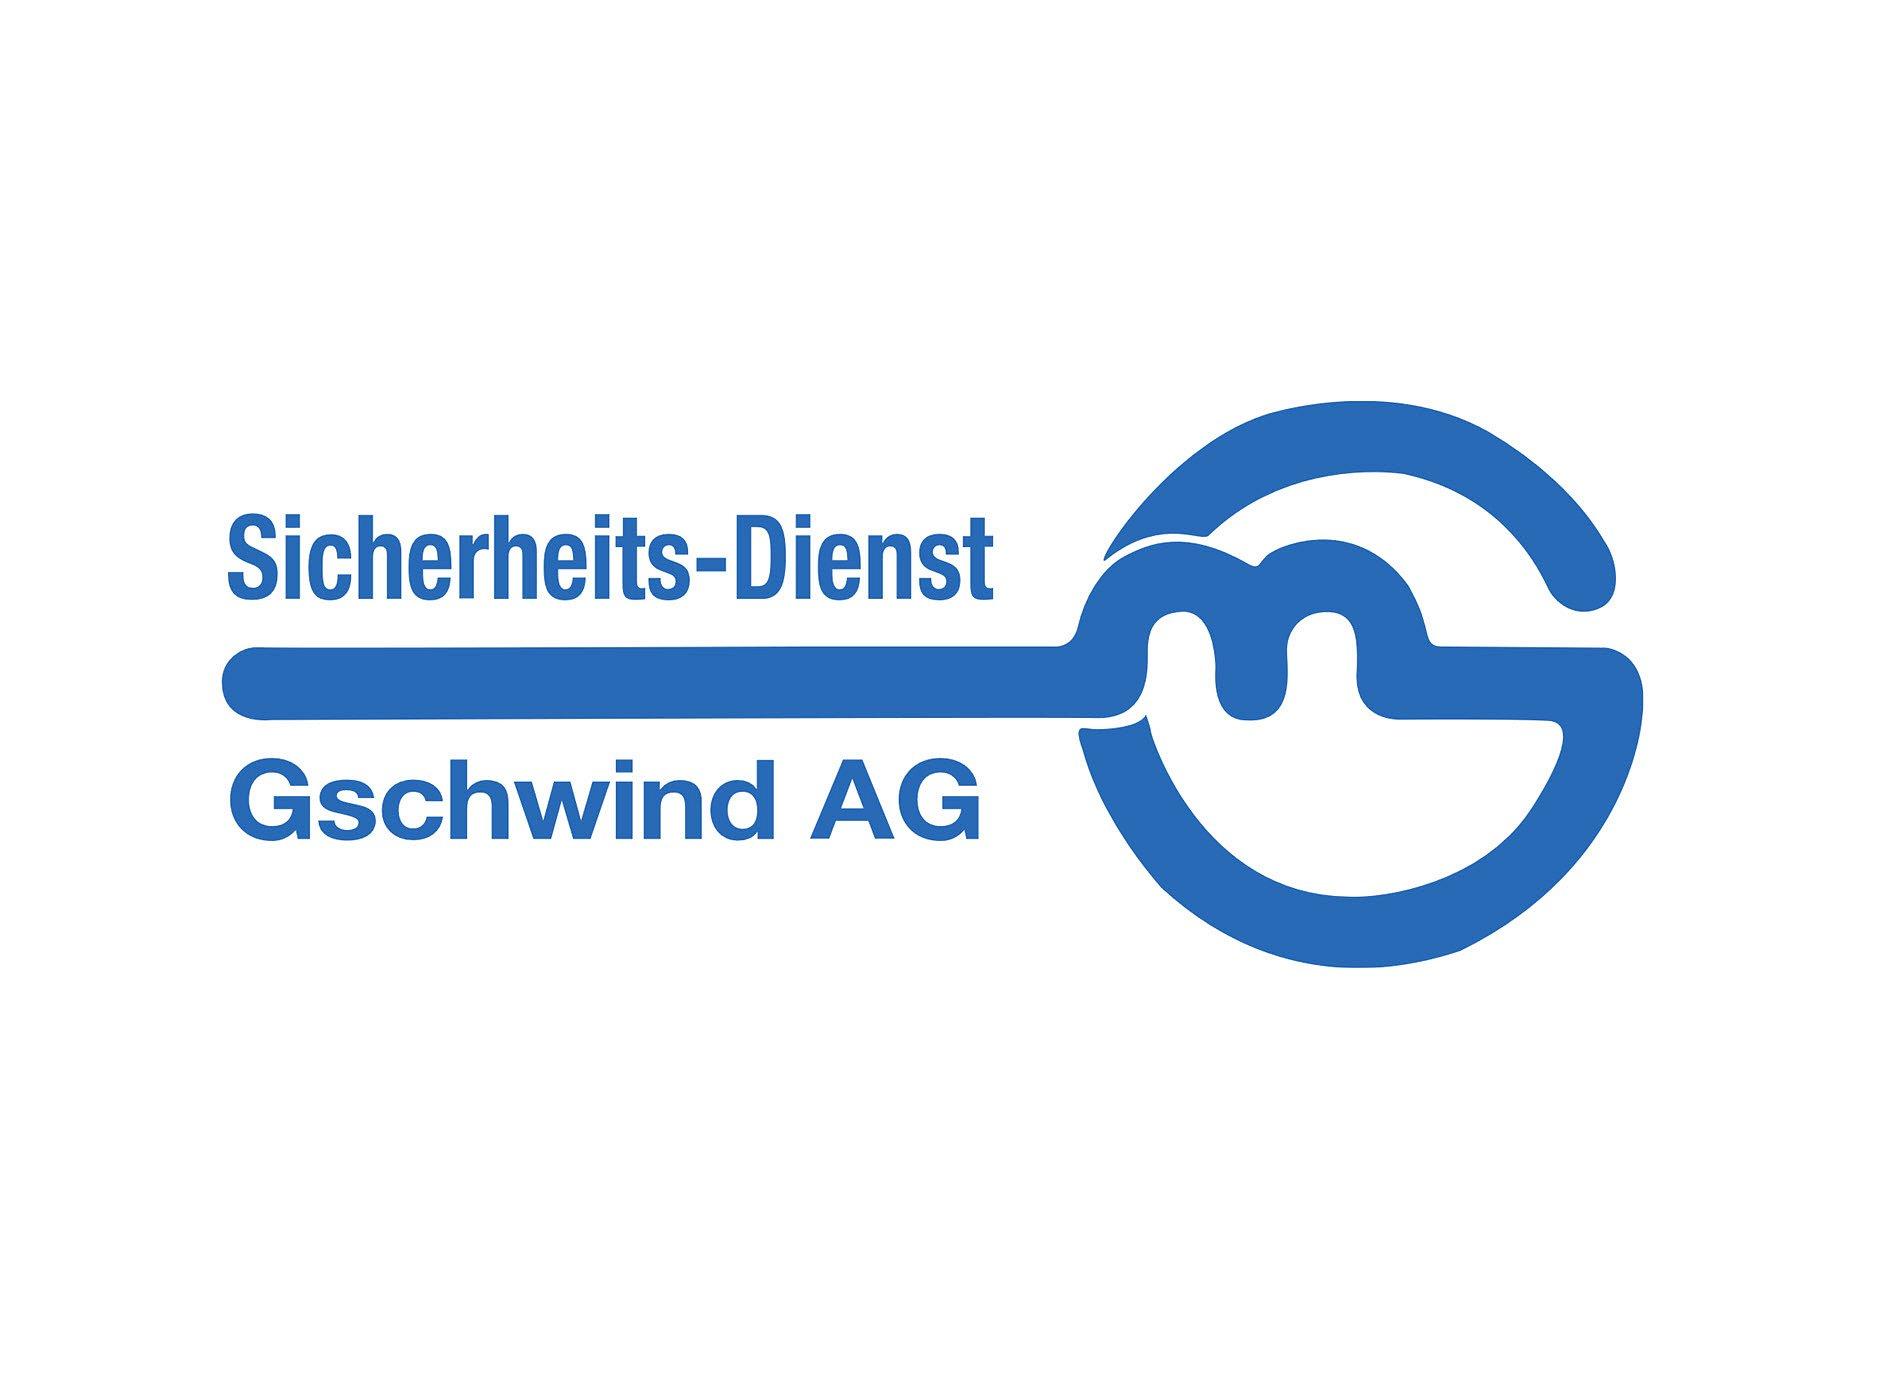 Sicherheitstechnik Gschwind AG